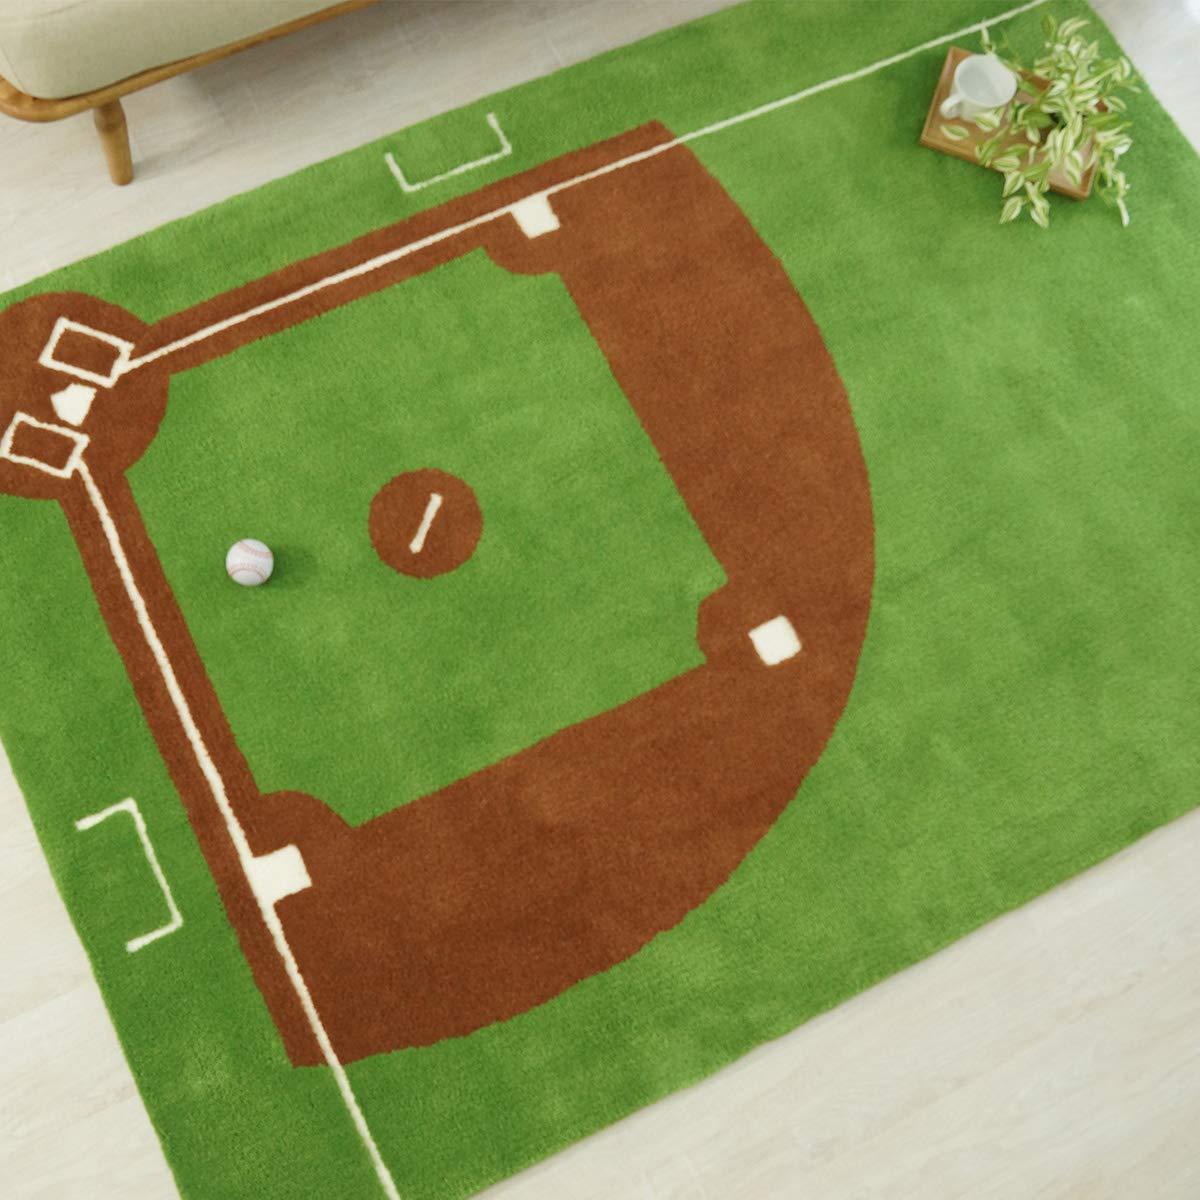 カーペット ラグ 人気のスポーツ 野球 ベースボール 140x200cm シャギー ふわふわ 日本製 【スポーツラグシリーズ】 野球(140x200cm)  B01FYZW99U